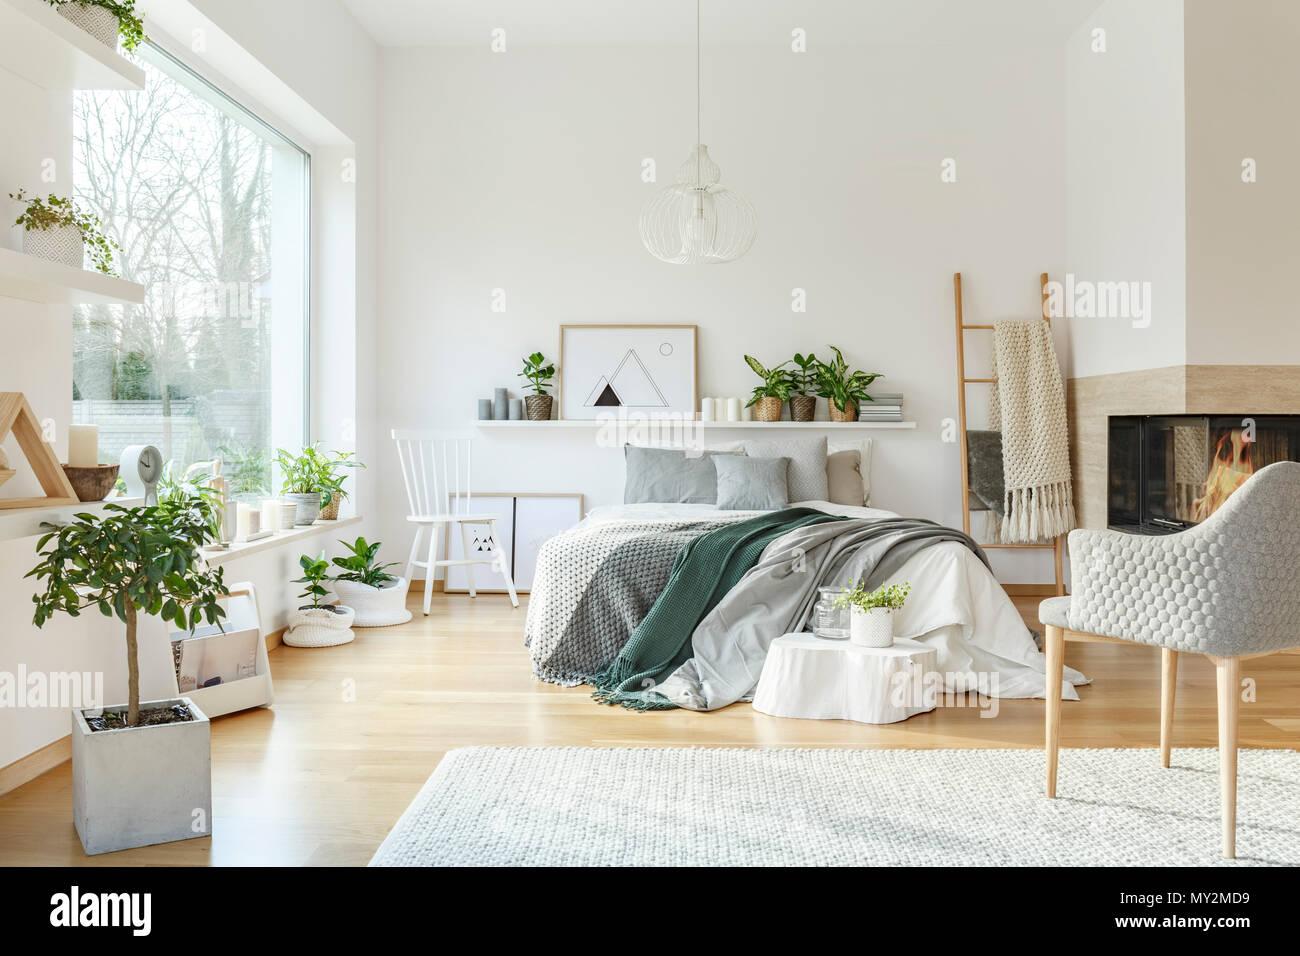 Anlage und weissen Sessel in gemütlichen Schlafzimmer Innenraum mit ...